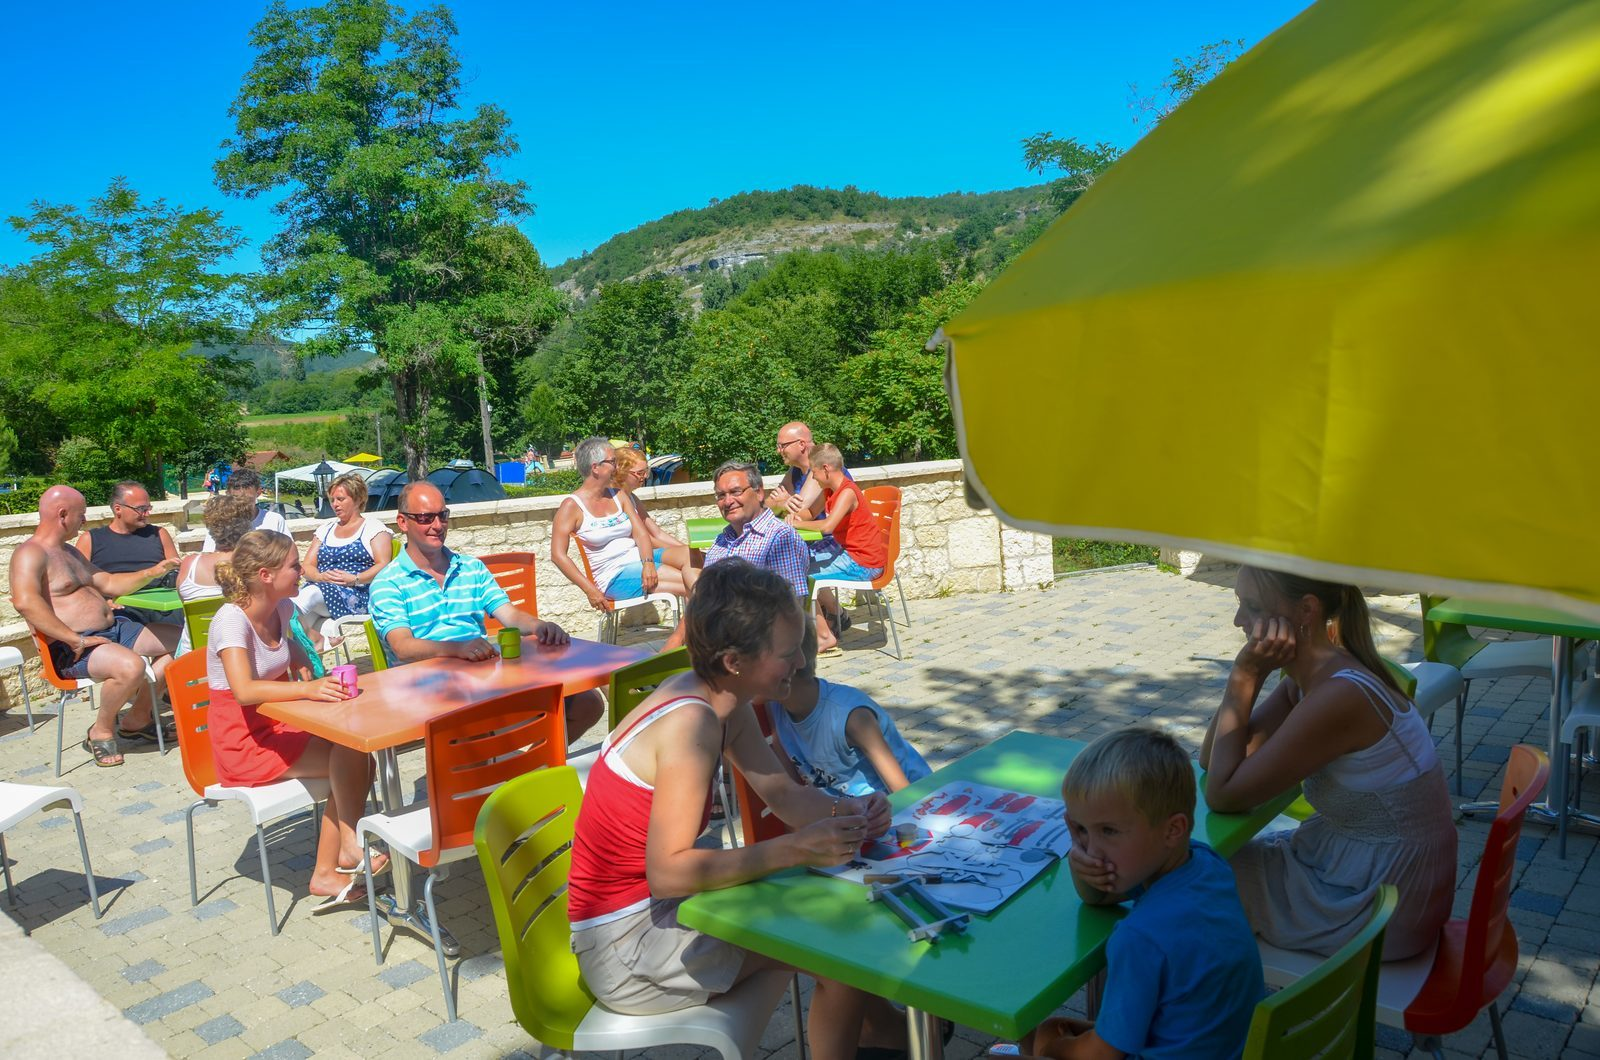 Bon appétit au parc de vacances La Draille de Beter Uit